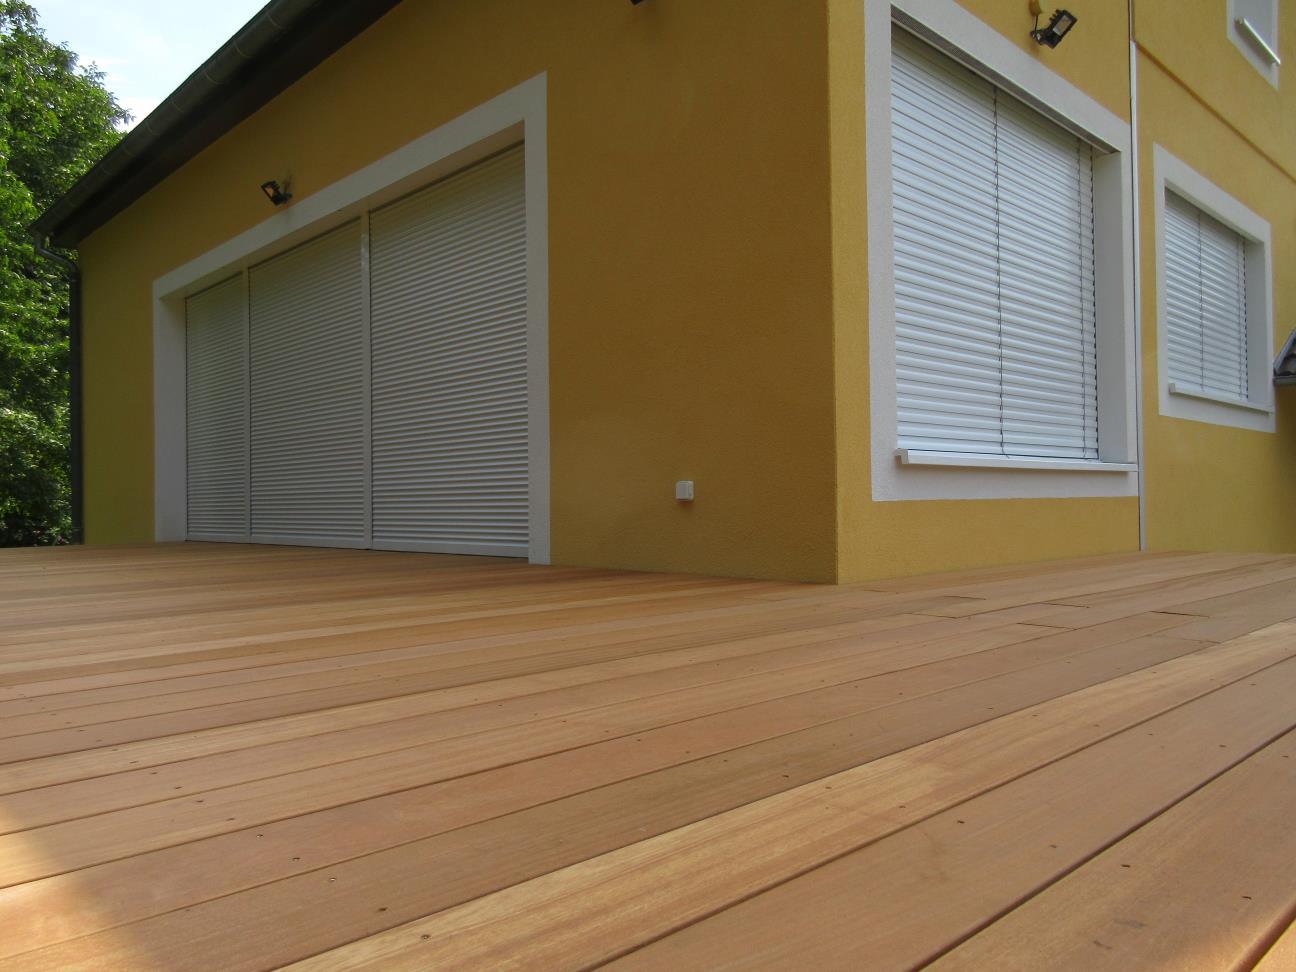 Vue de l'intégration de la terrasse avec la maison